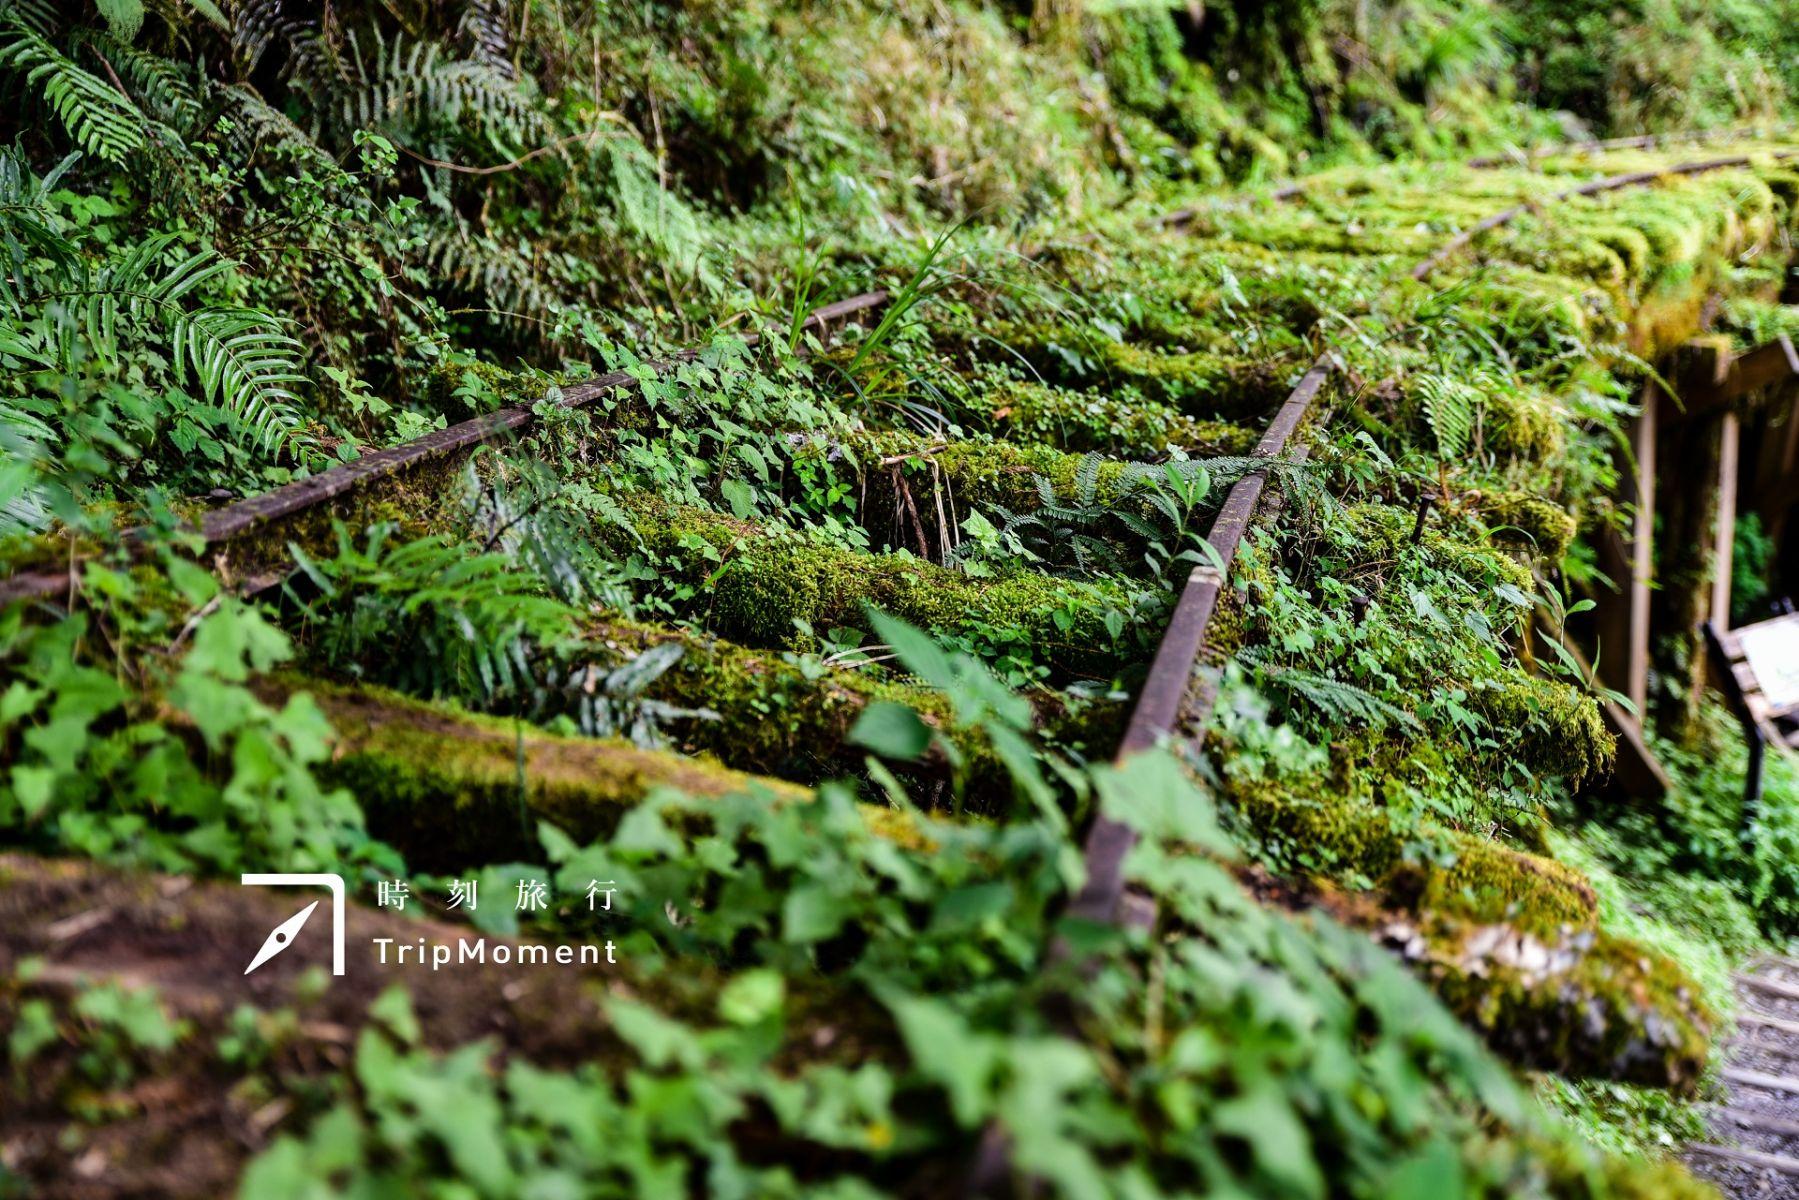 宜蘭見晴懷古步道》走進蓊鬱太平山,世界級美景在眼前展開